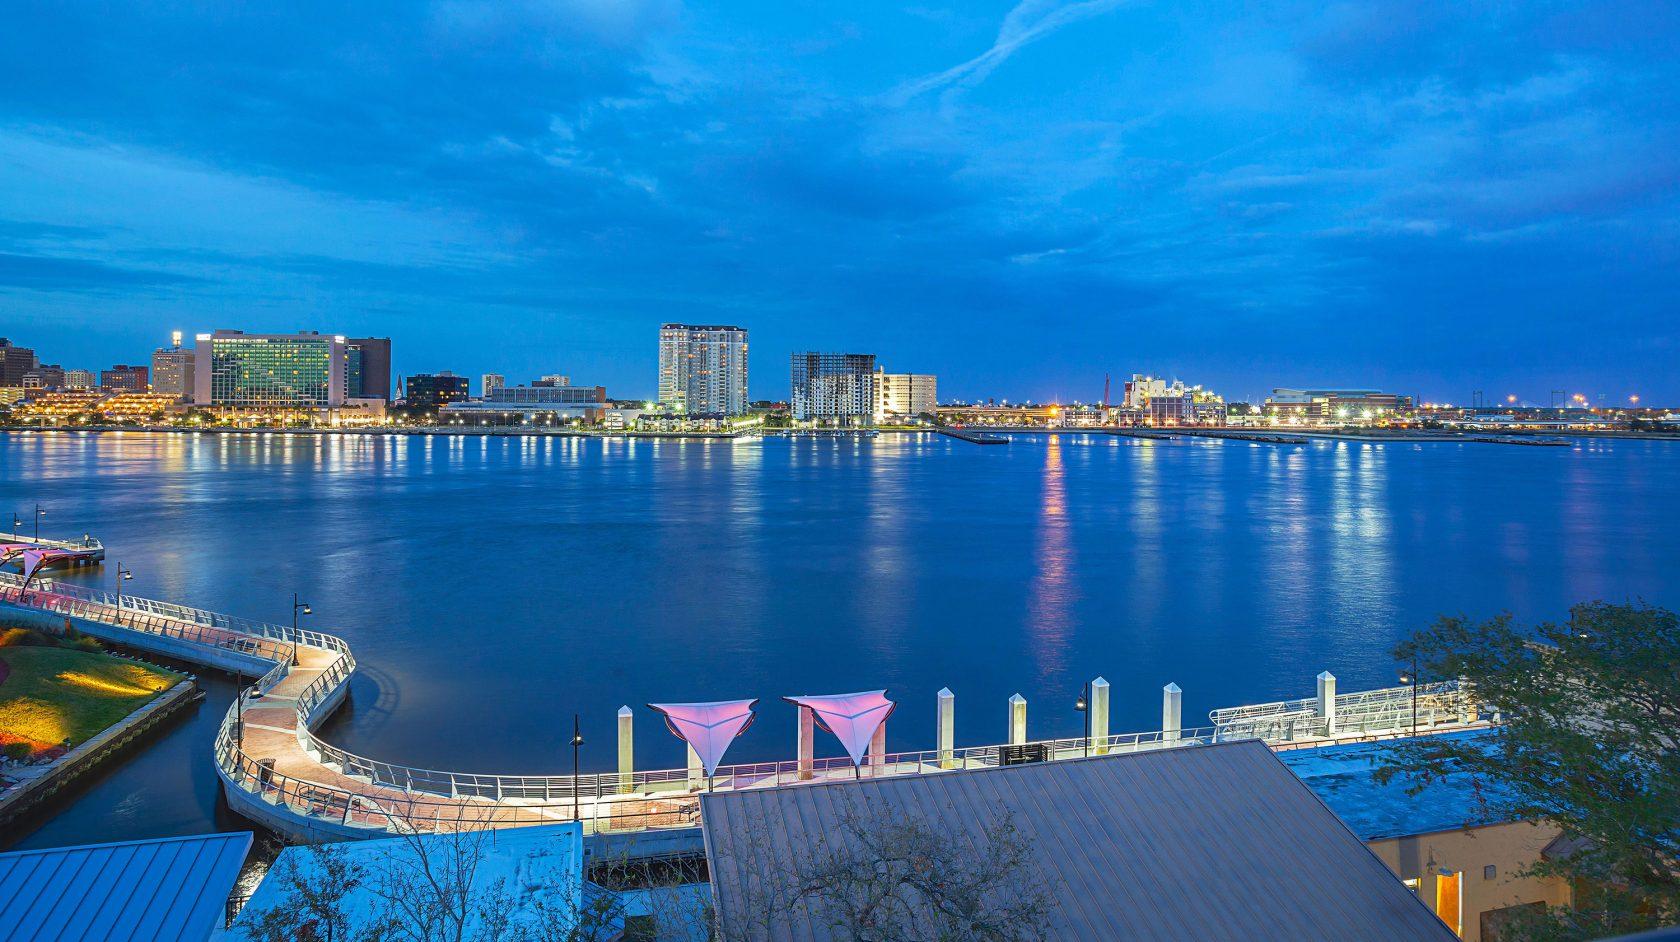 Riverwalk Jacksonville Lexington: - Located on the river in Jacksonville, Fl